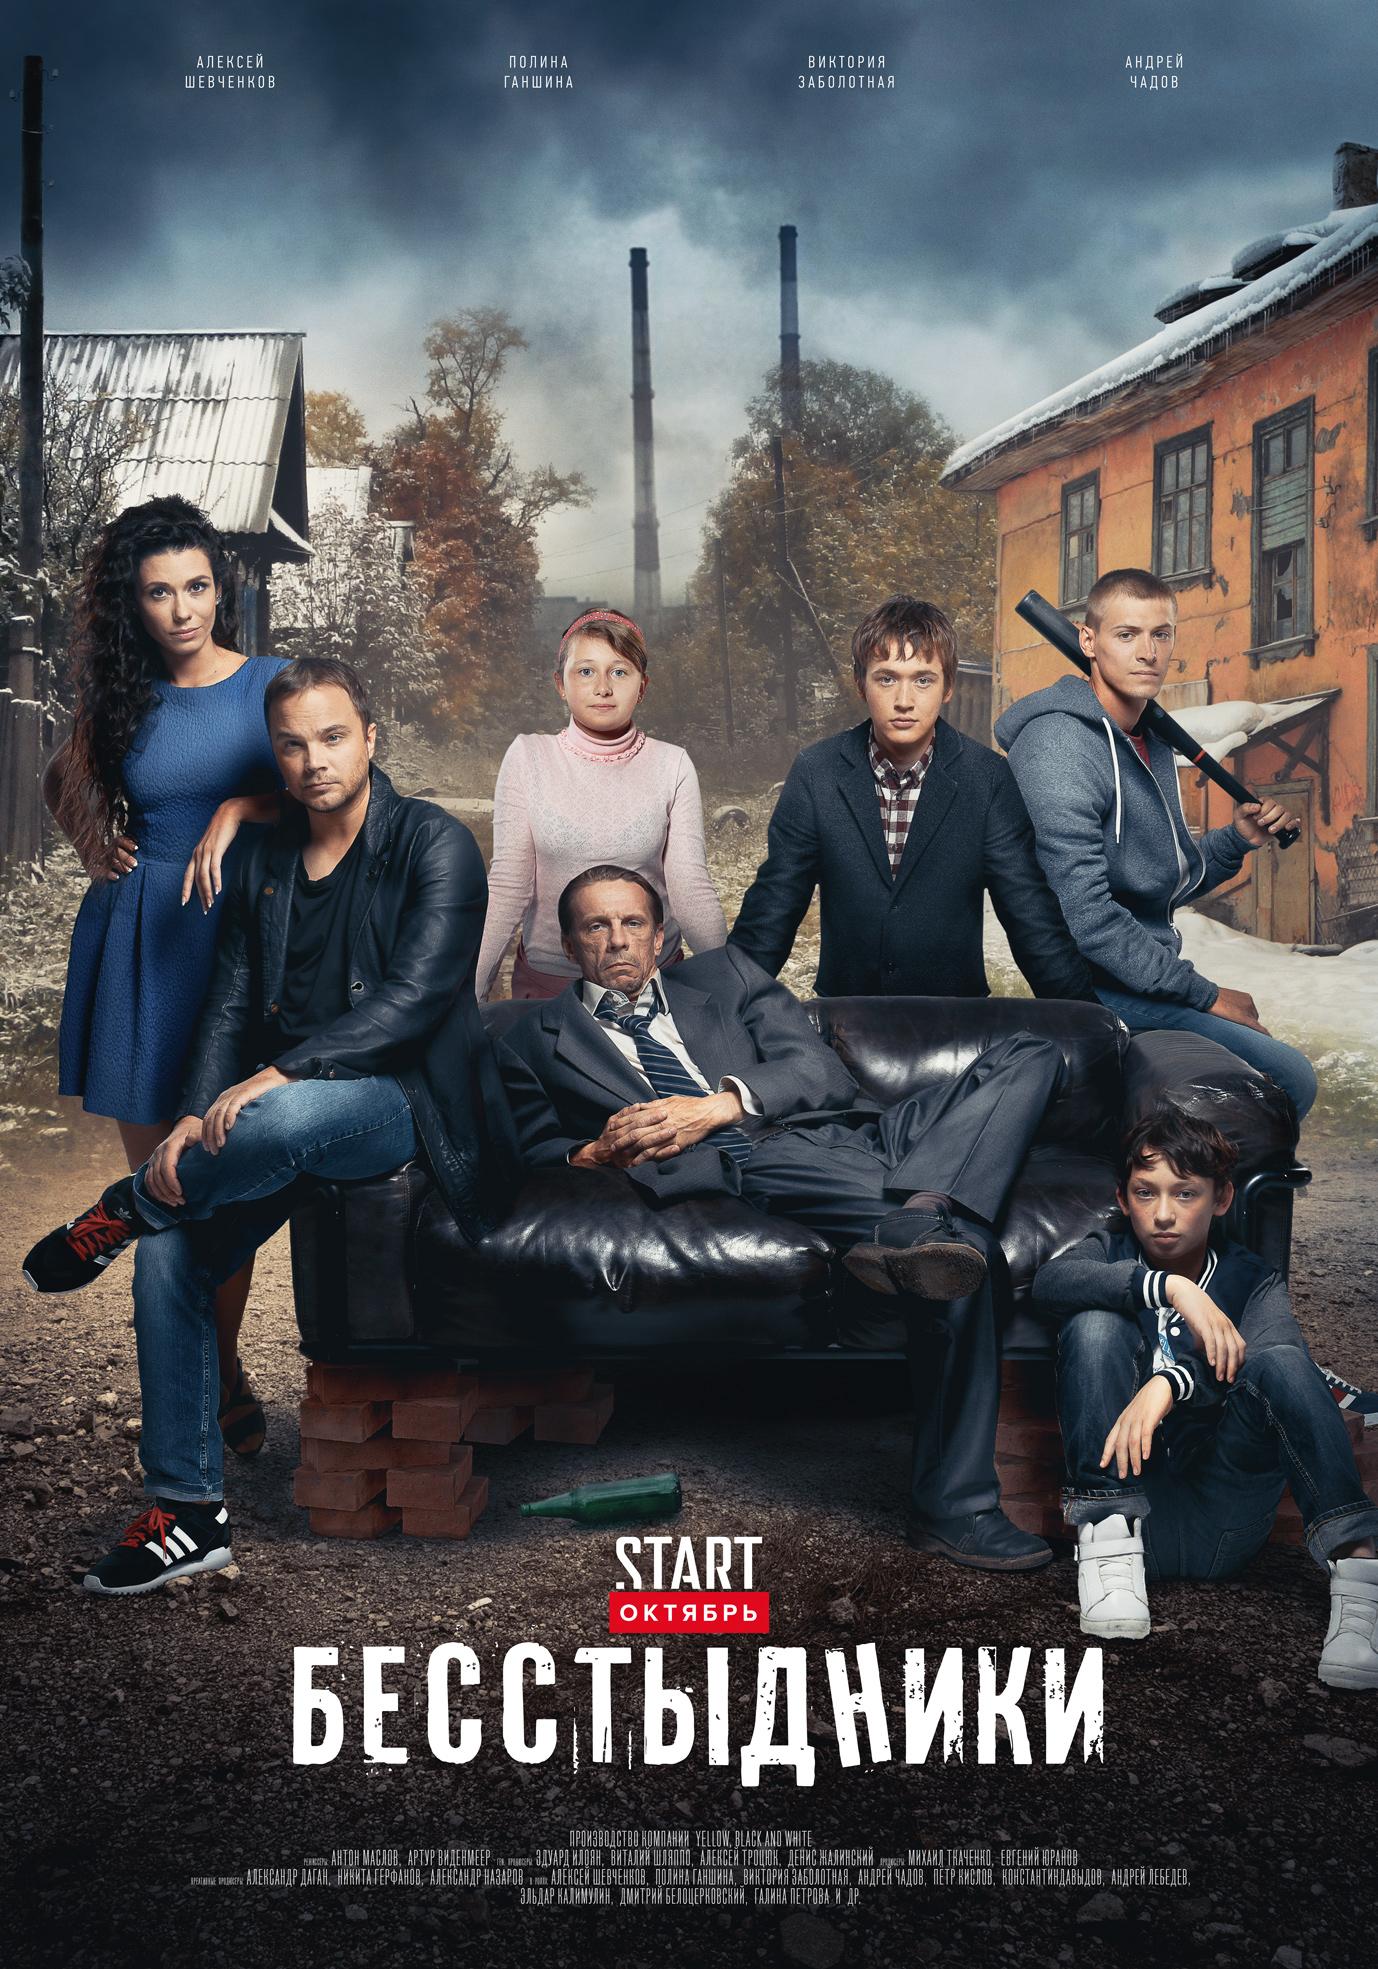 Фильм бесстыдник россия 2018